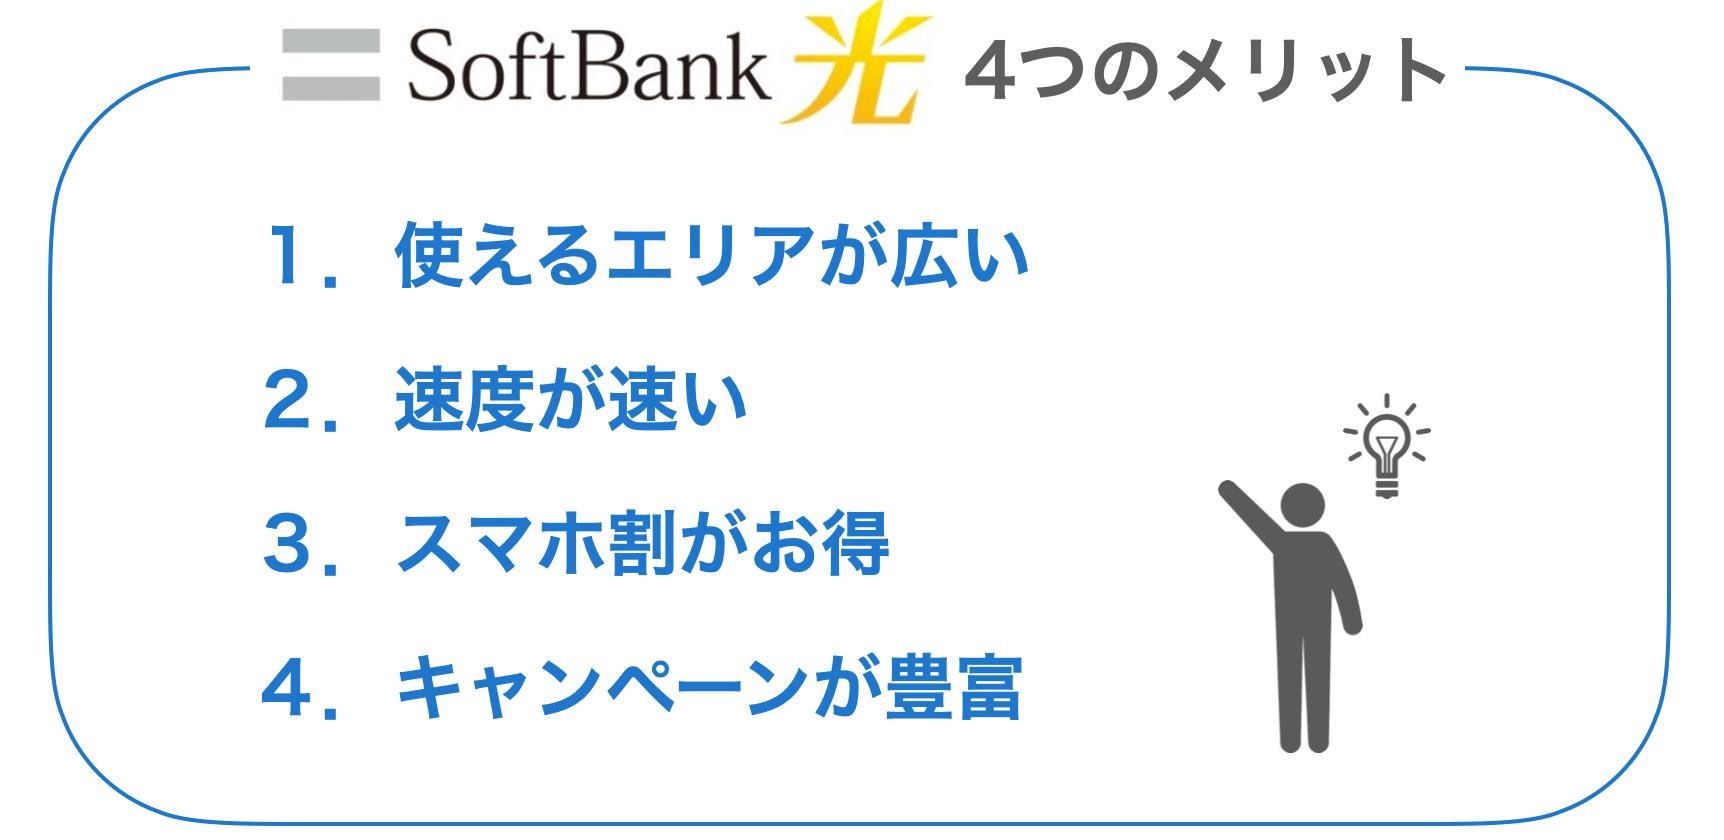 ソフトバンク光 メリット